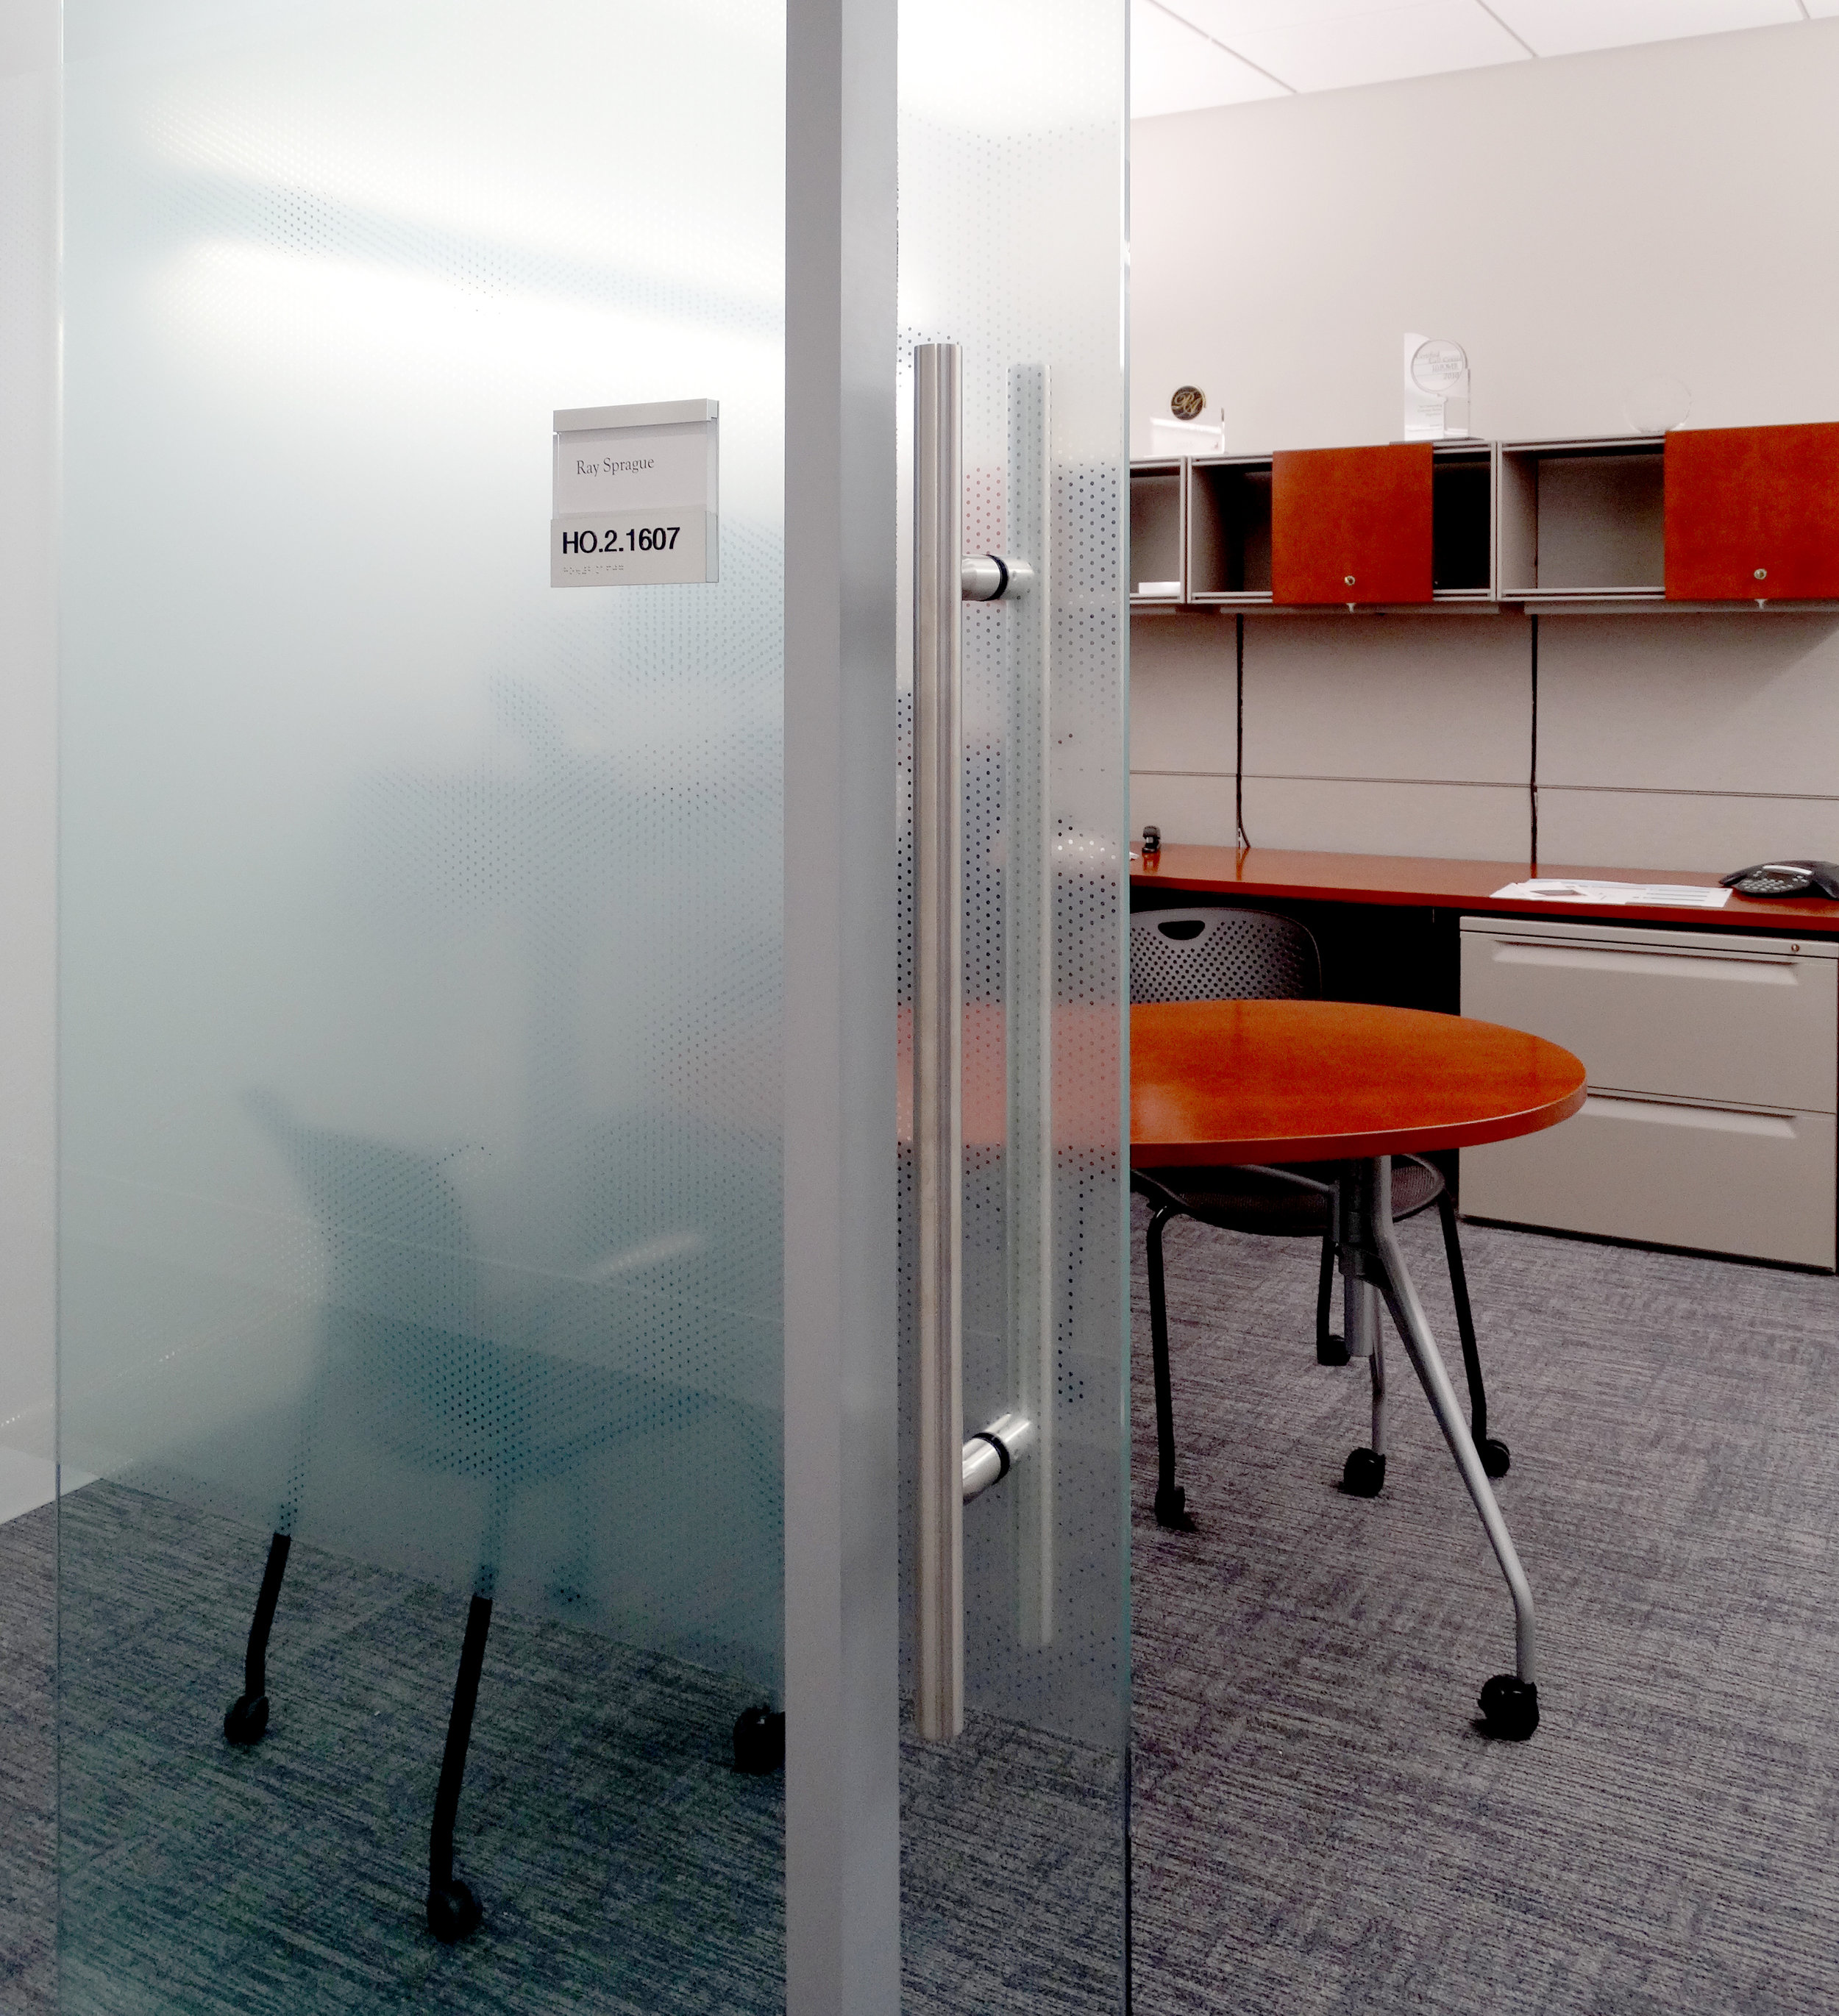 Litespace Frameless Glass Sliding Door Film Office Front - Spaceworks AI.jpg